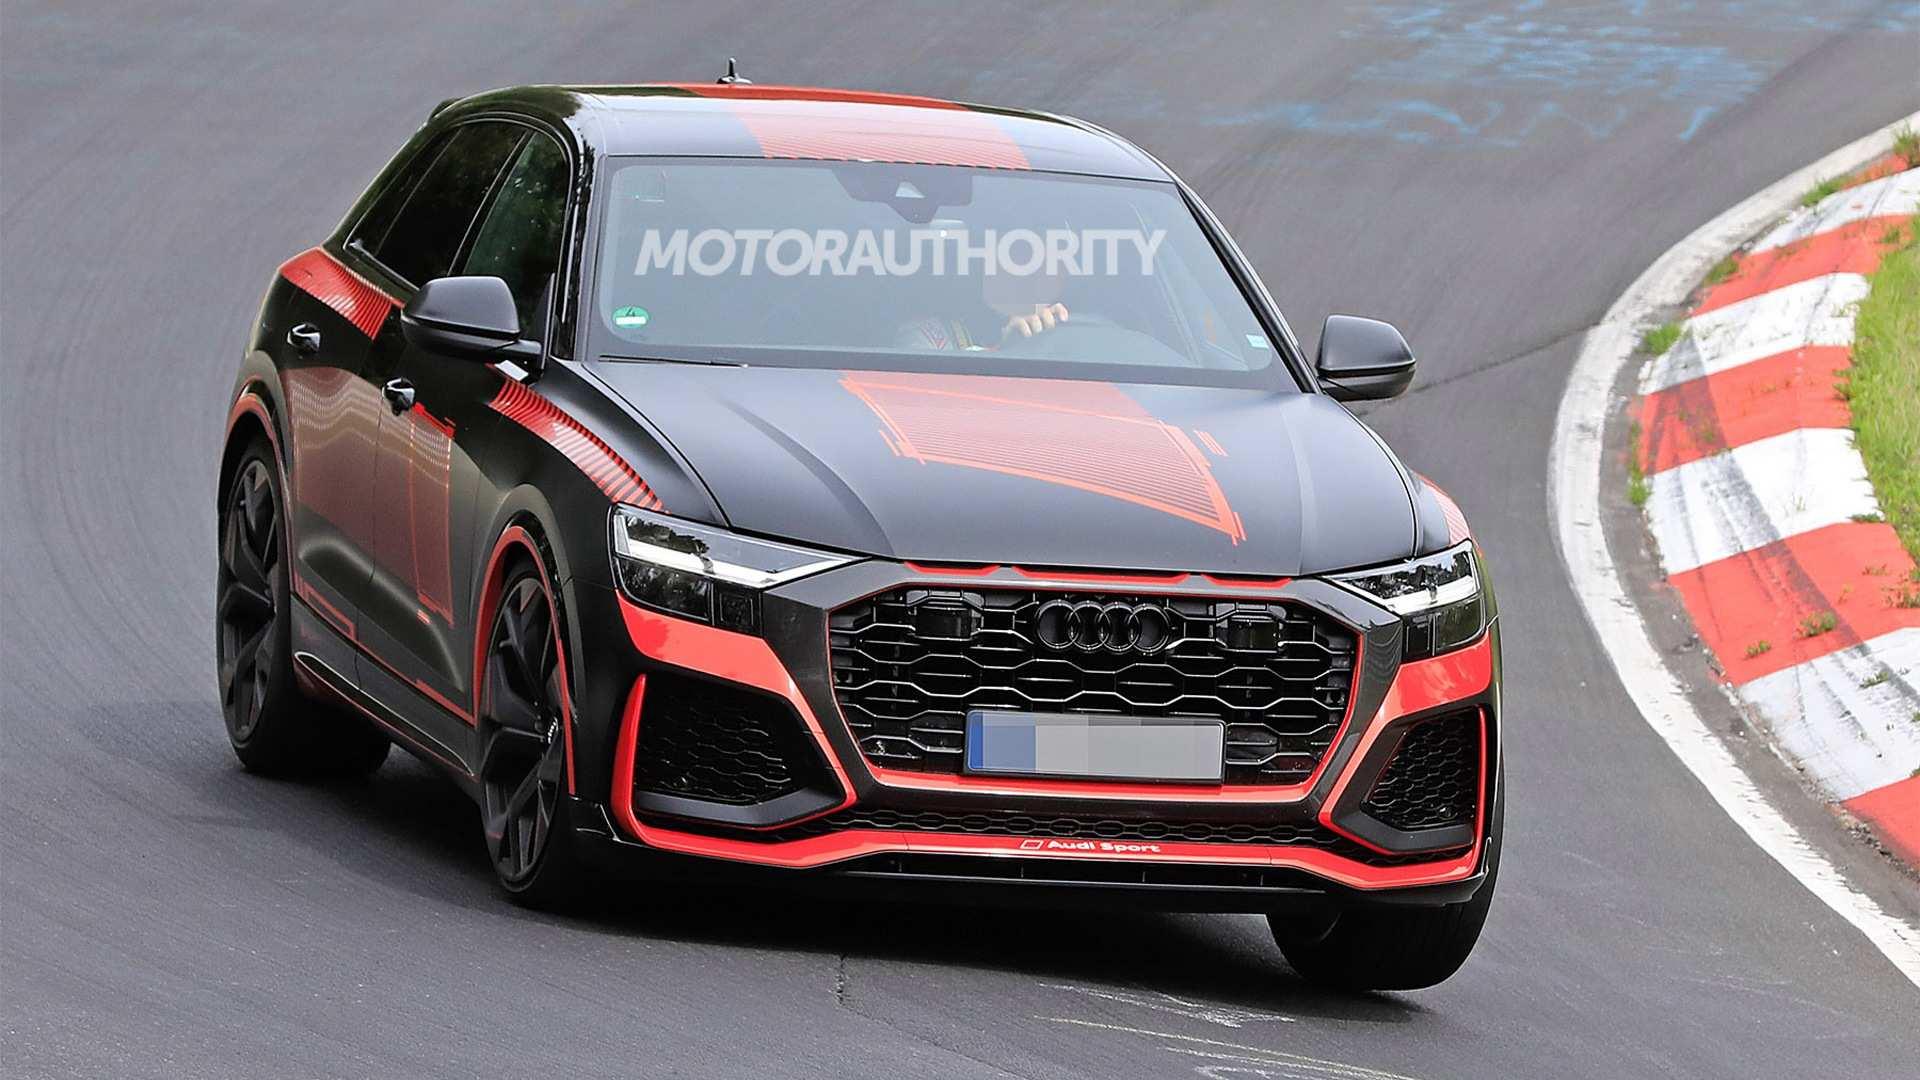 22 Best Review Audi Motoren 2020 Overview for Audi Motoren 2020